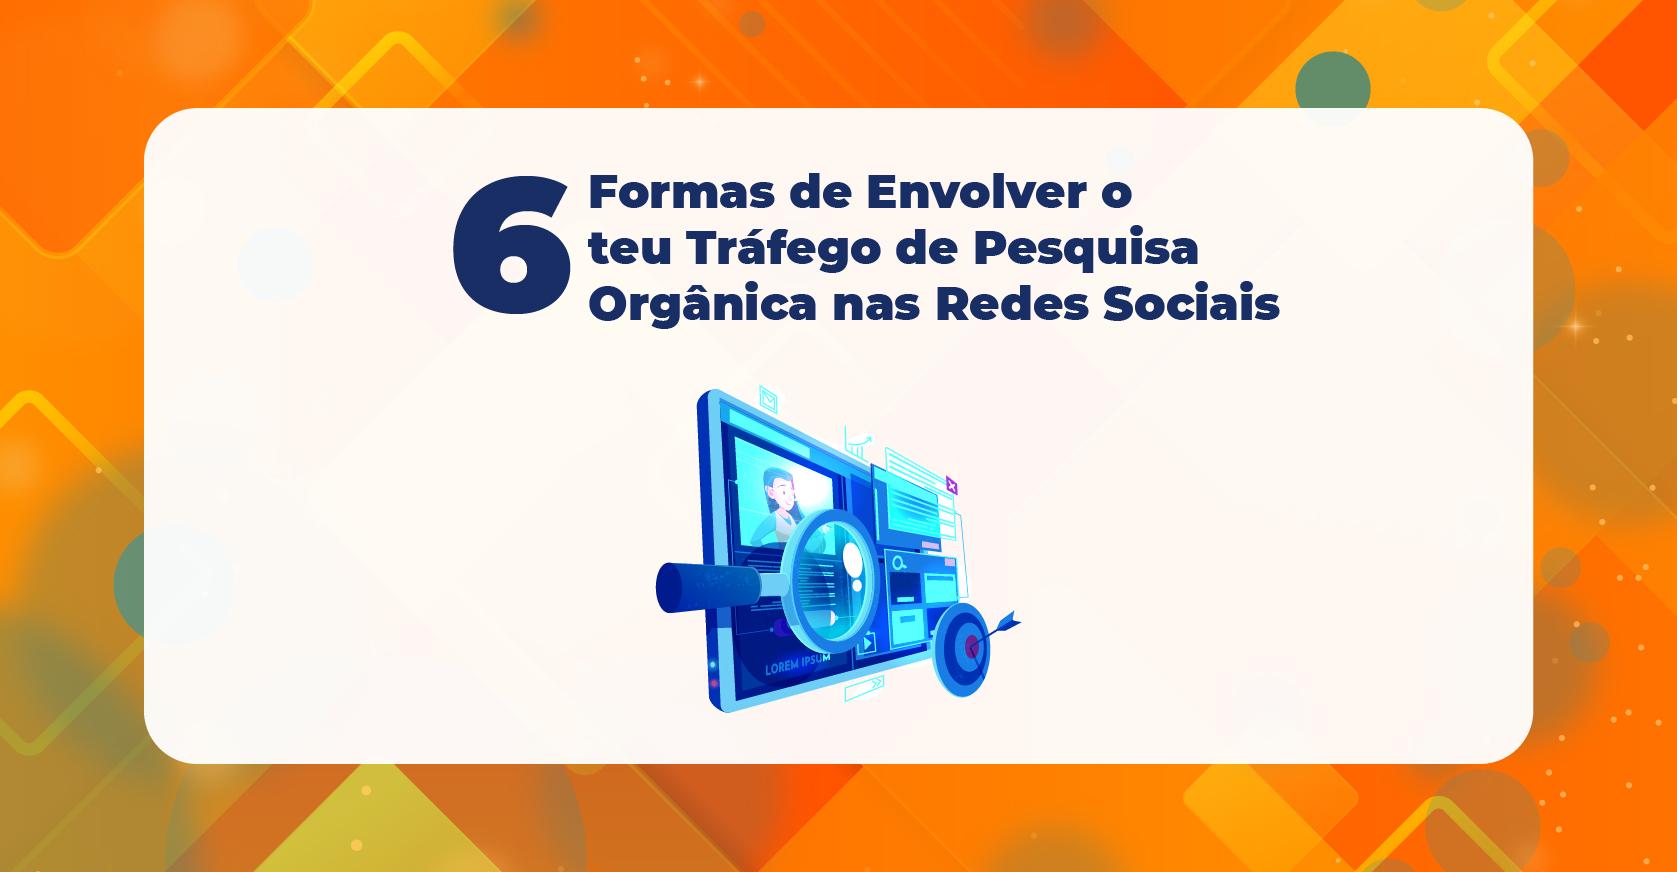 6 Formas de Envolver o teu Tráfego de Pesquisa Orgânica nas Redes Sociais_